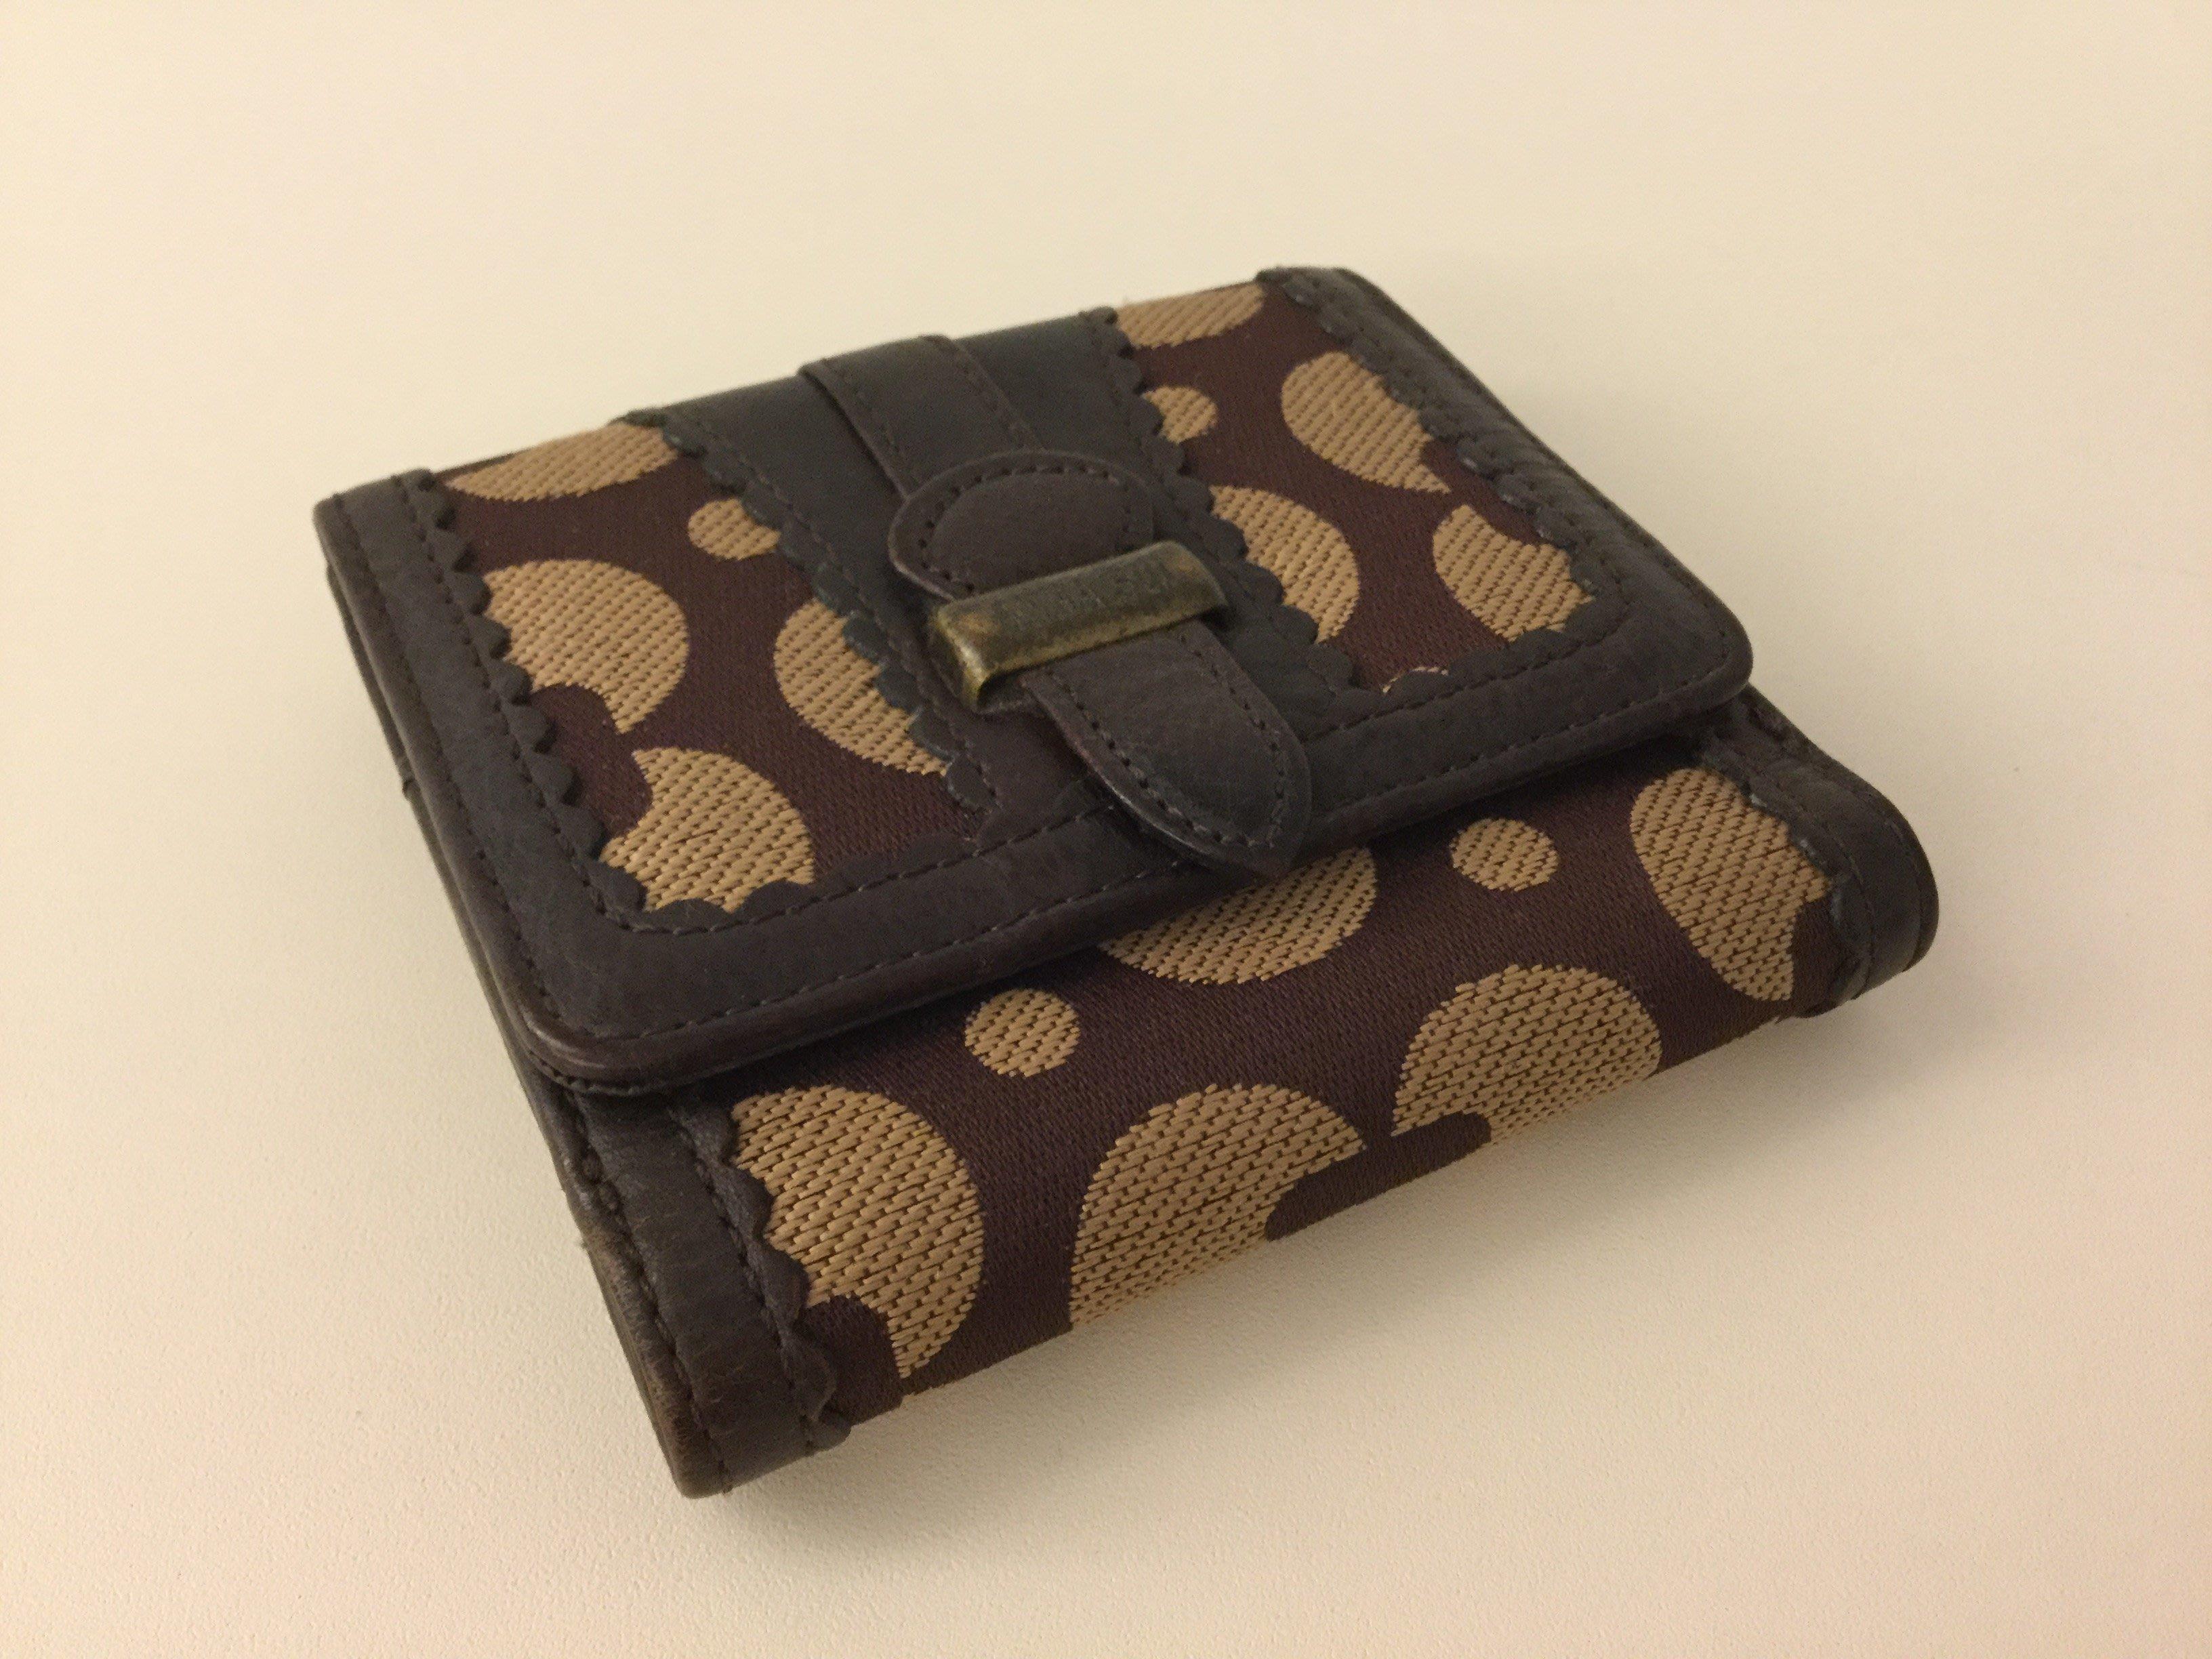 ANNA SUI 安娜蘇 真皮革包邊專櫃皮夾 短夾 零錢包